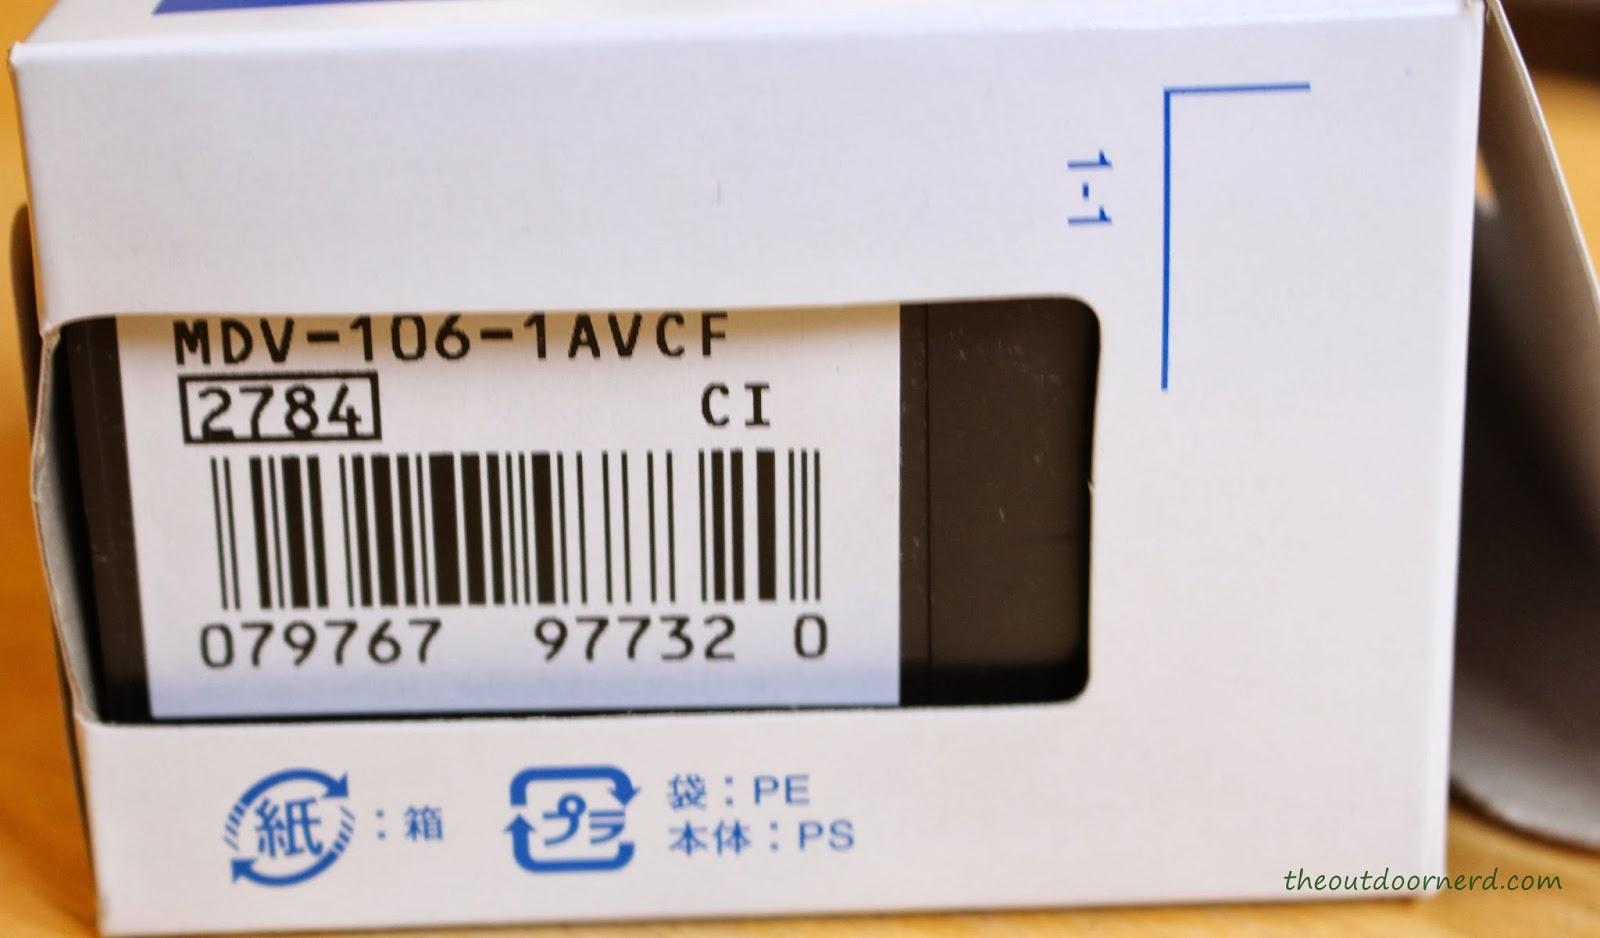 Casio MDV106-1A Diver's Watch: In Box 2